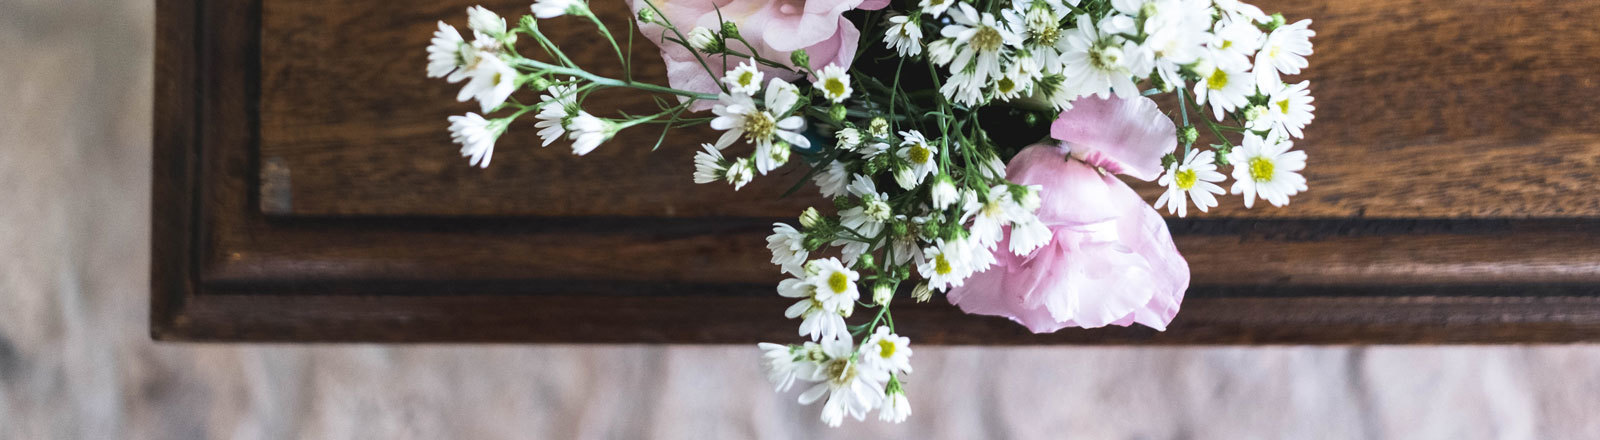 Ein Holzsarg auf dem ein Blumenstrauß steht.